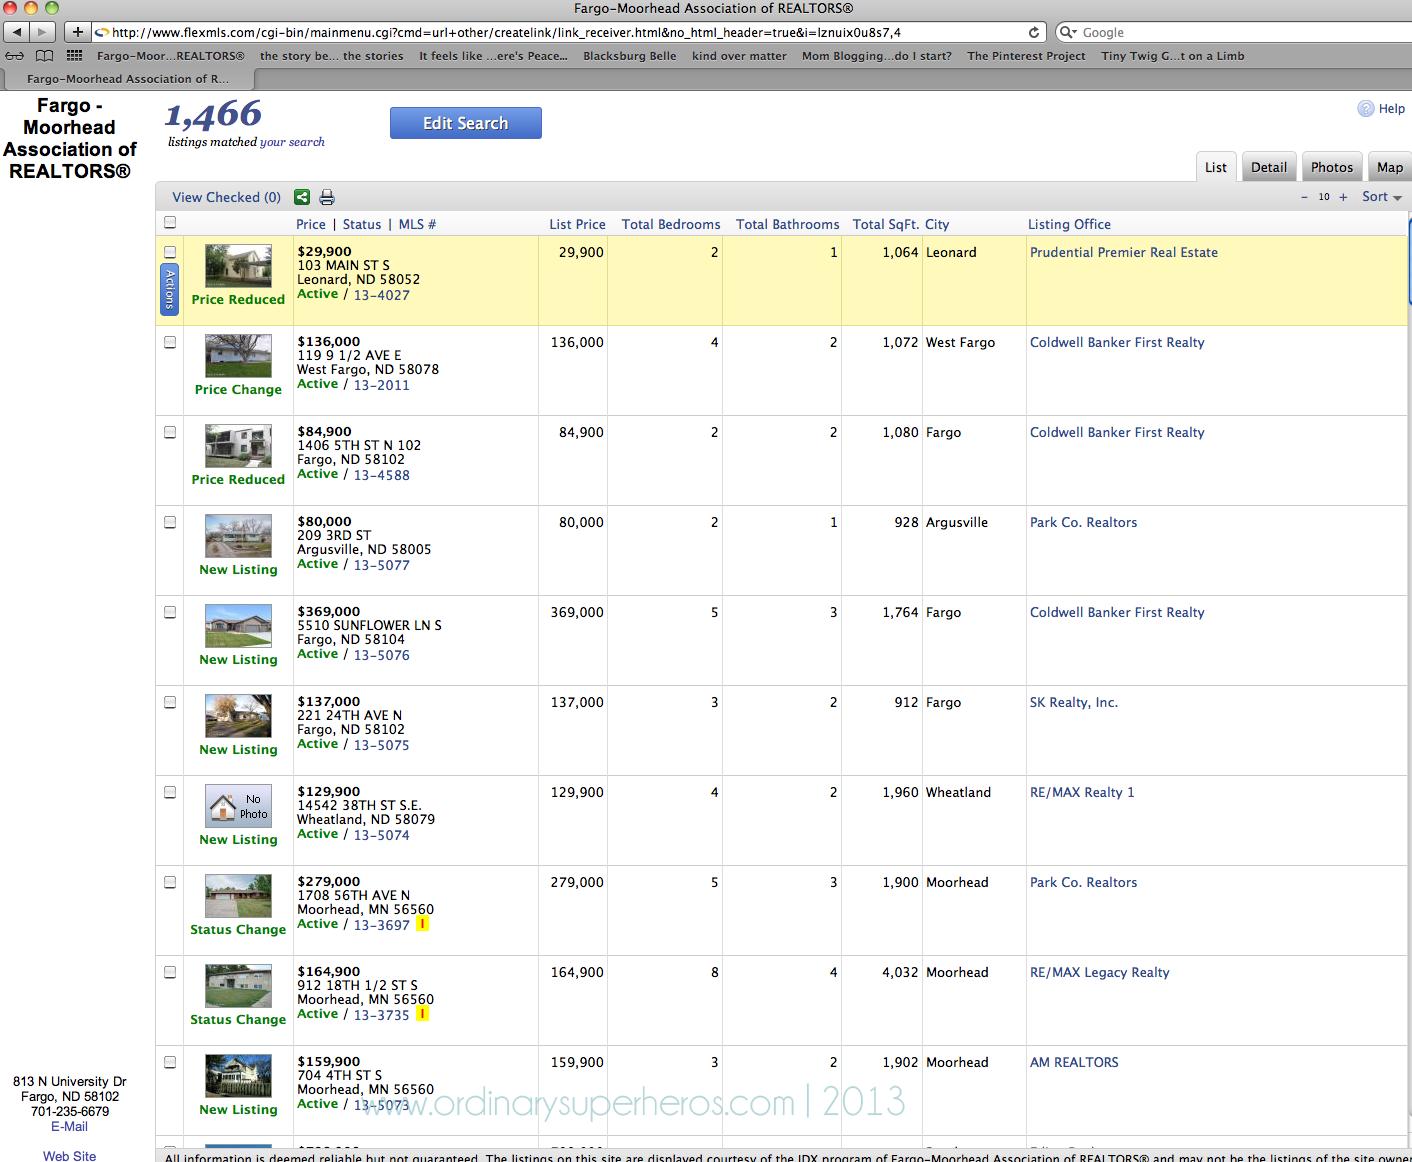 Screen shot 2013-11-12 at 11.40.24 PM